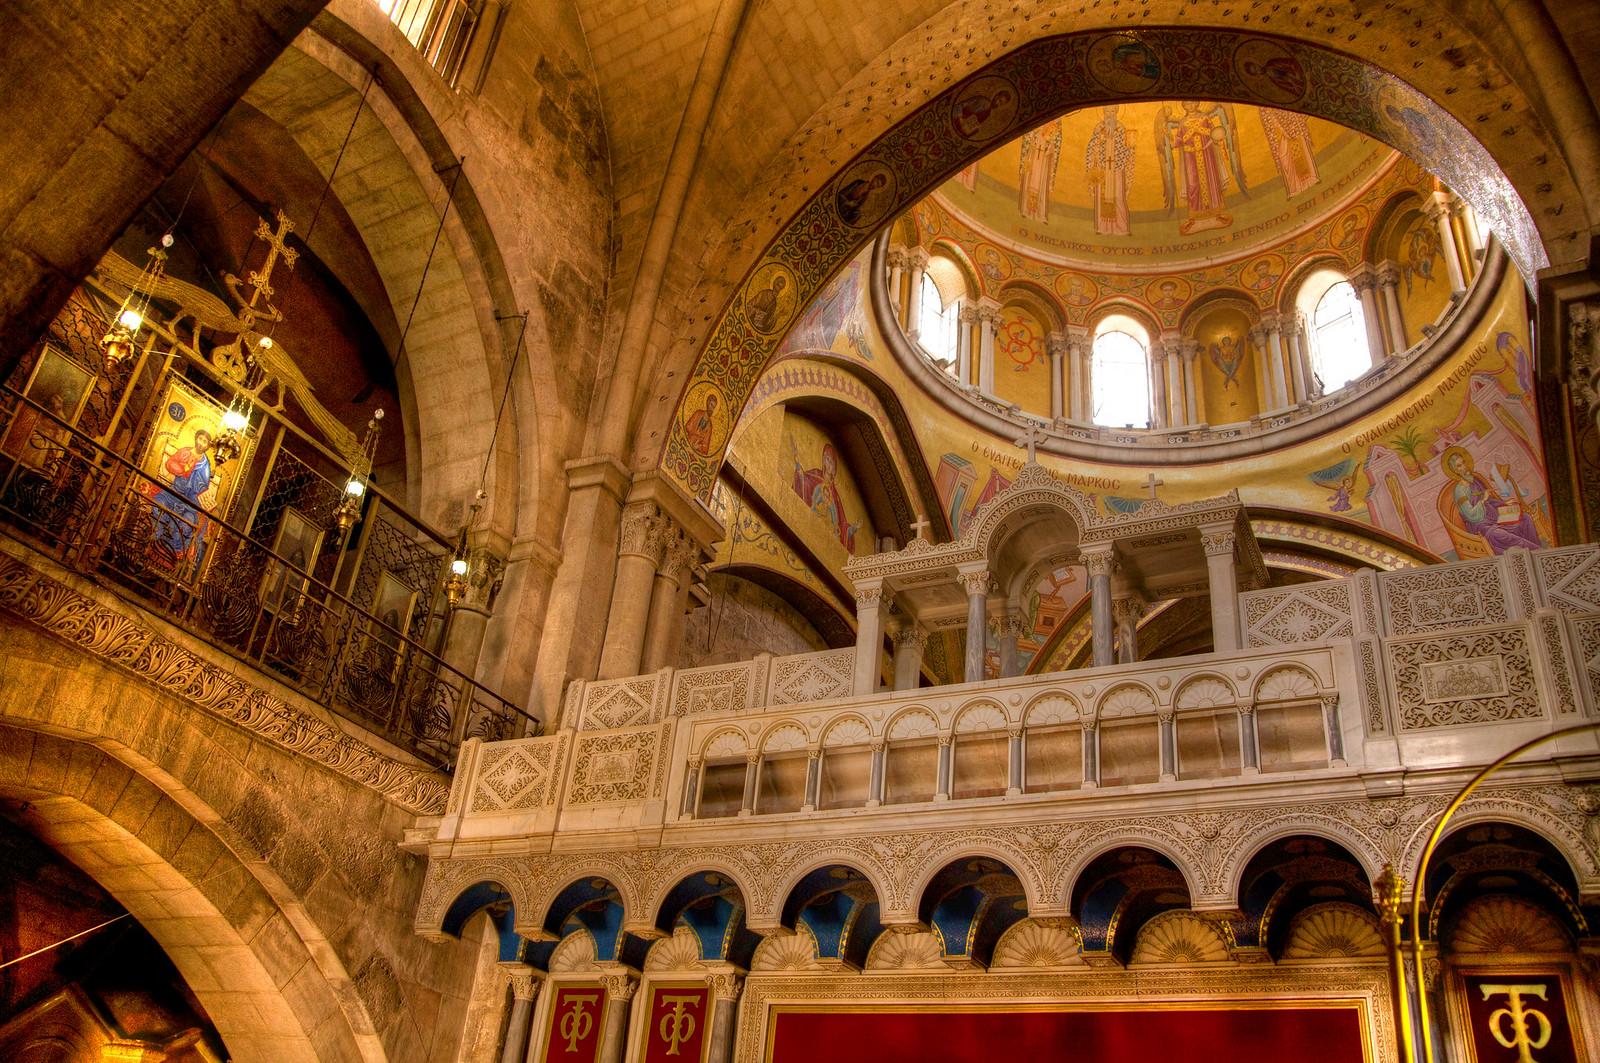 Jerusalem_Holy Sepulcher_15_Noam Chen_IMOT